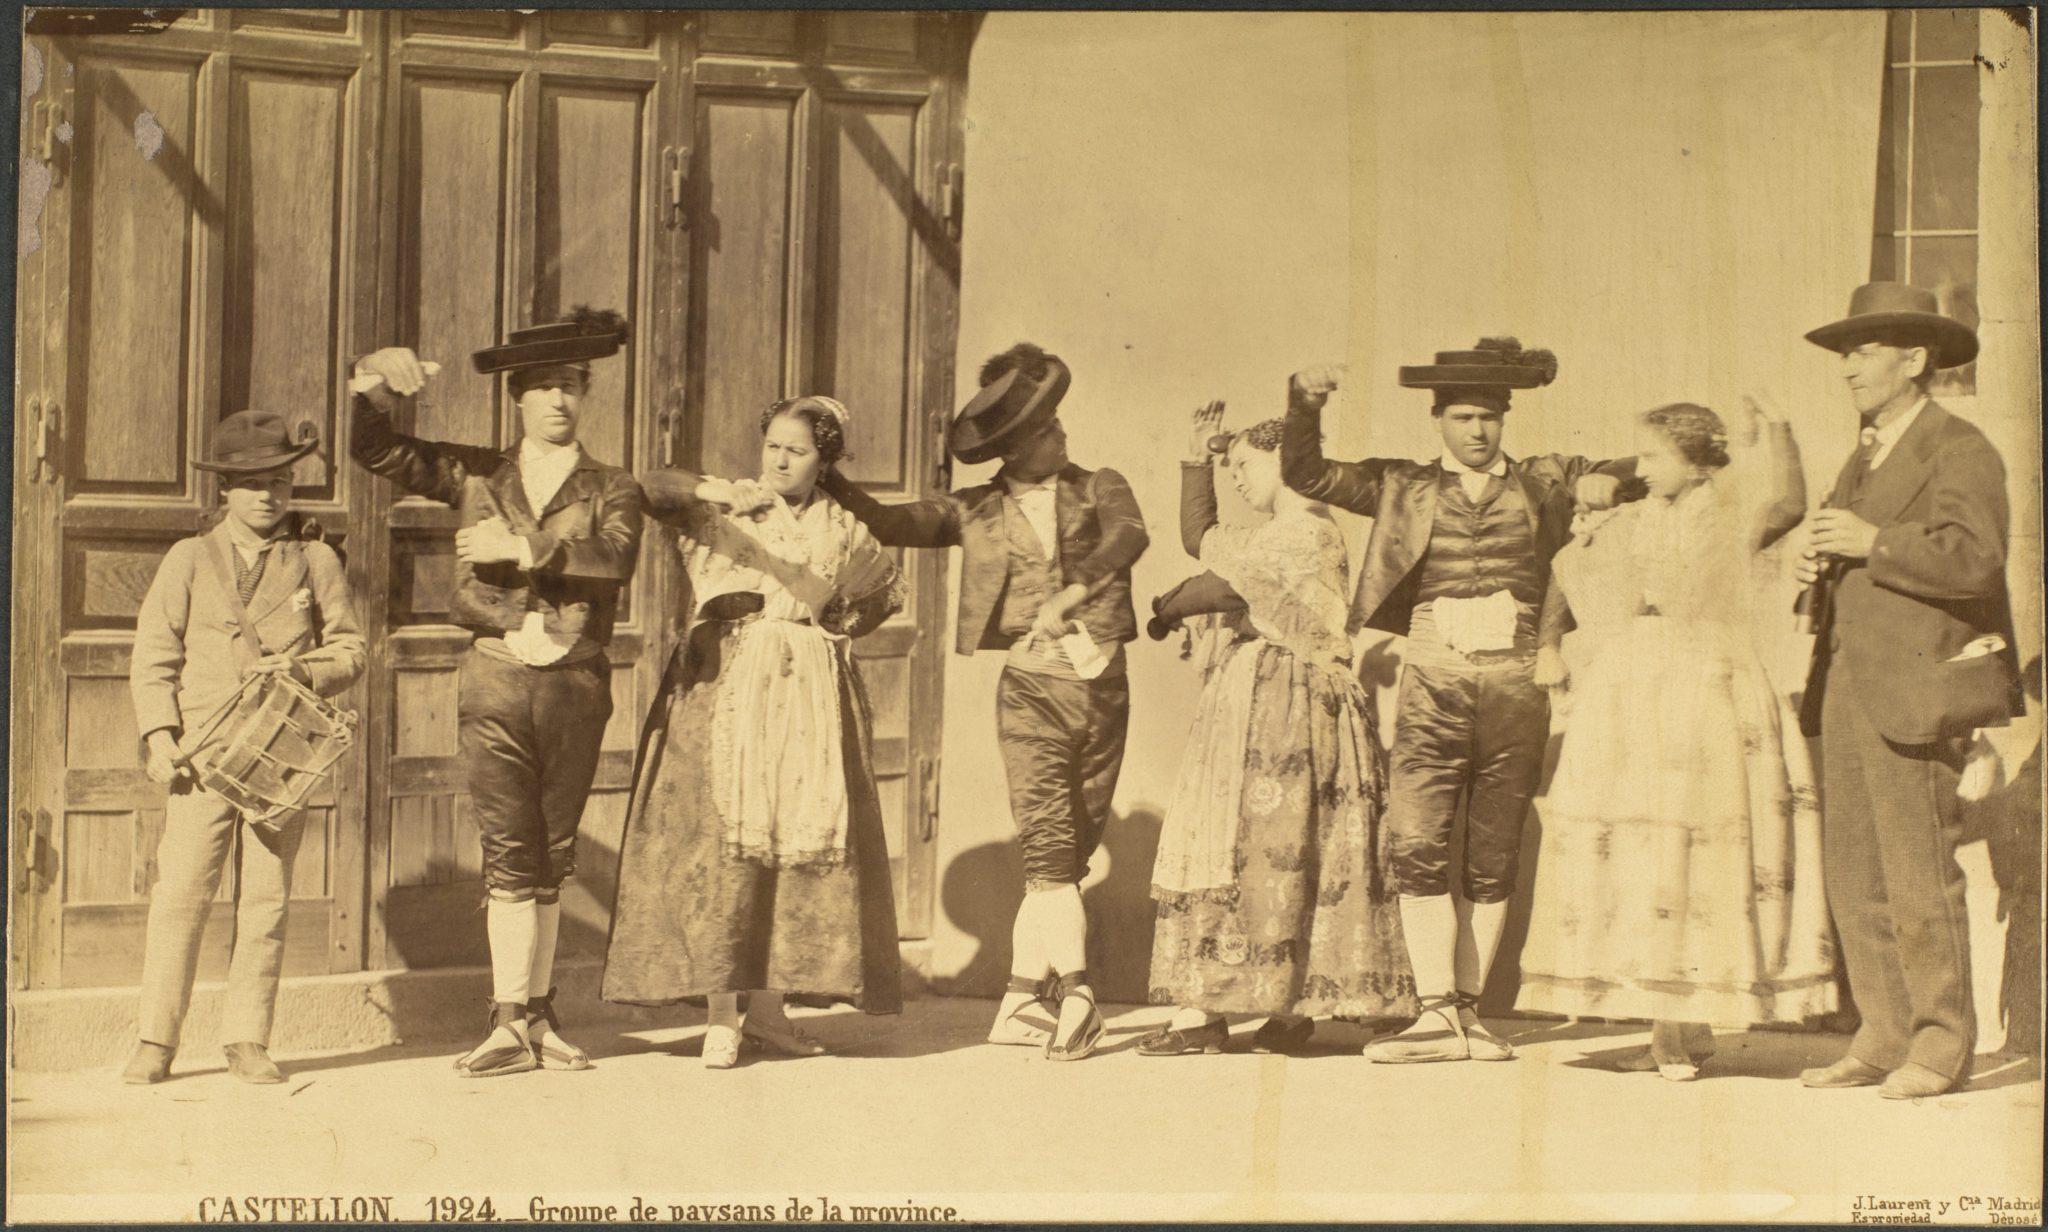 La curiosa fotografía realizada por Jean laurent a dos villafranquinos que asistieron vestidos de bercianos a la boda de Alfonso XII 3